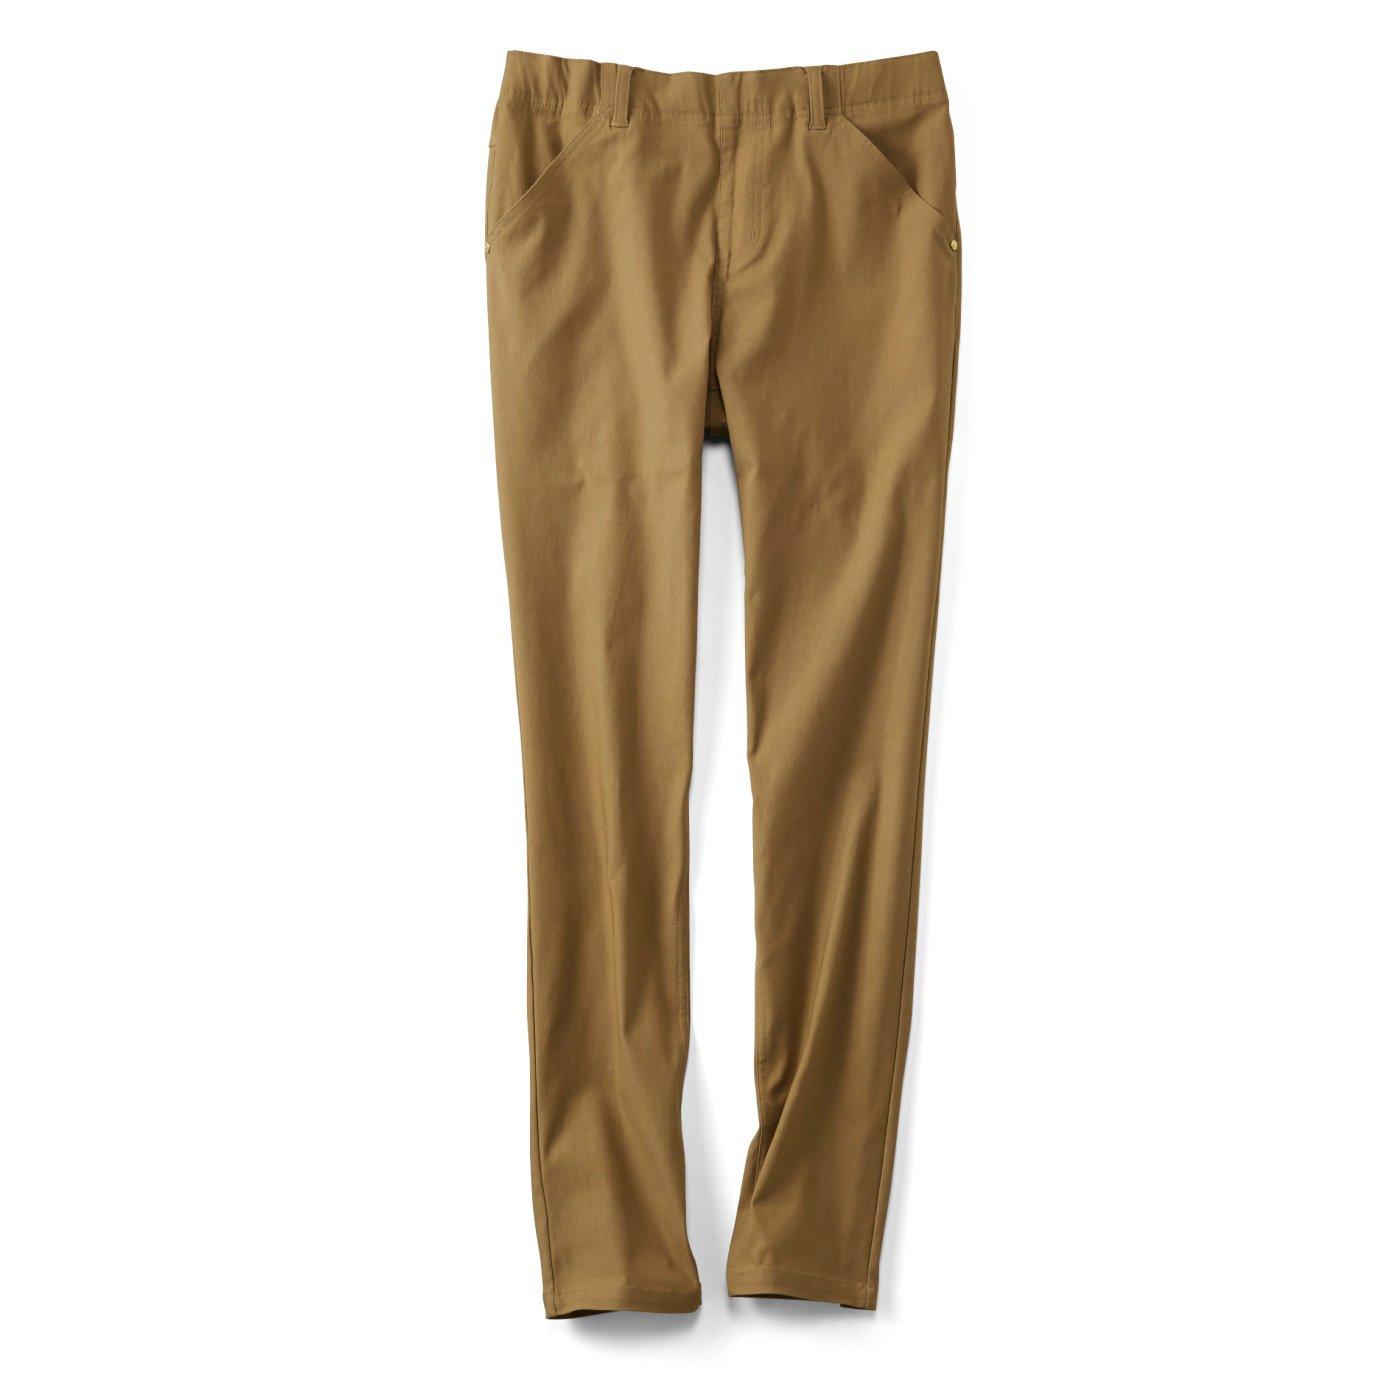 リブ イン コンフォート まるではいてないみたい!? 絶対美脚なスーパー伸び軽パンツ〈キャメル〉